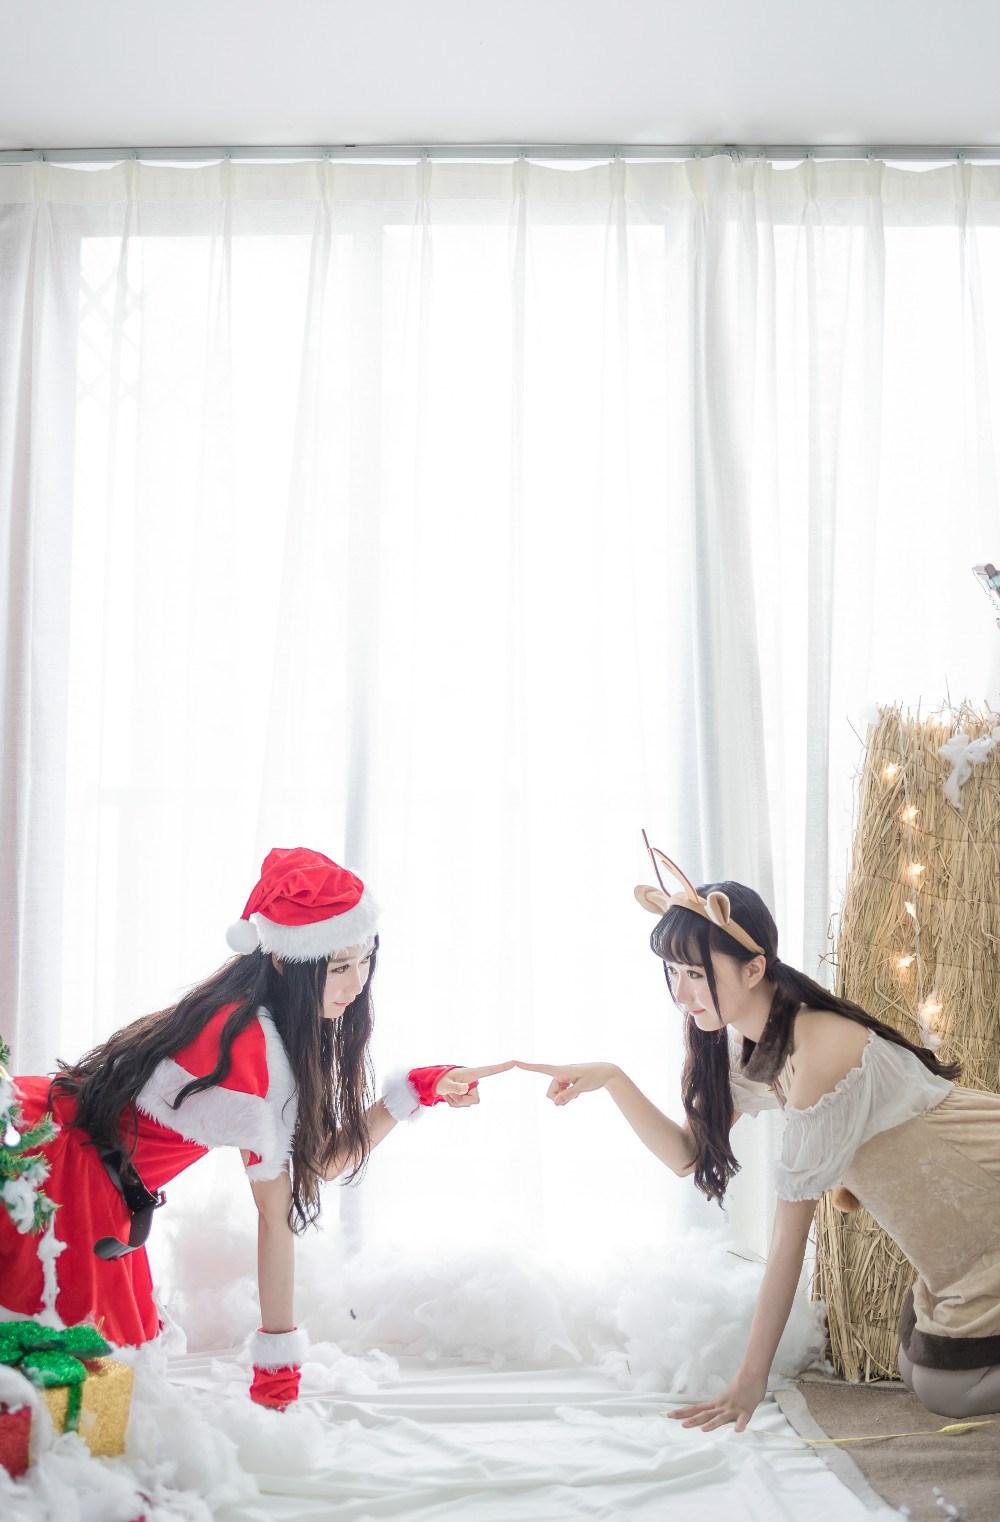 【兔玩映画】【免费】圣诞节的特别福利 兔玩映画 第23张